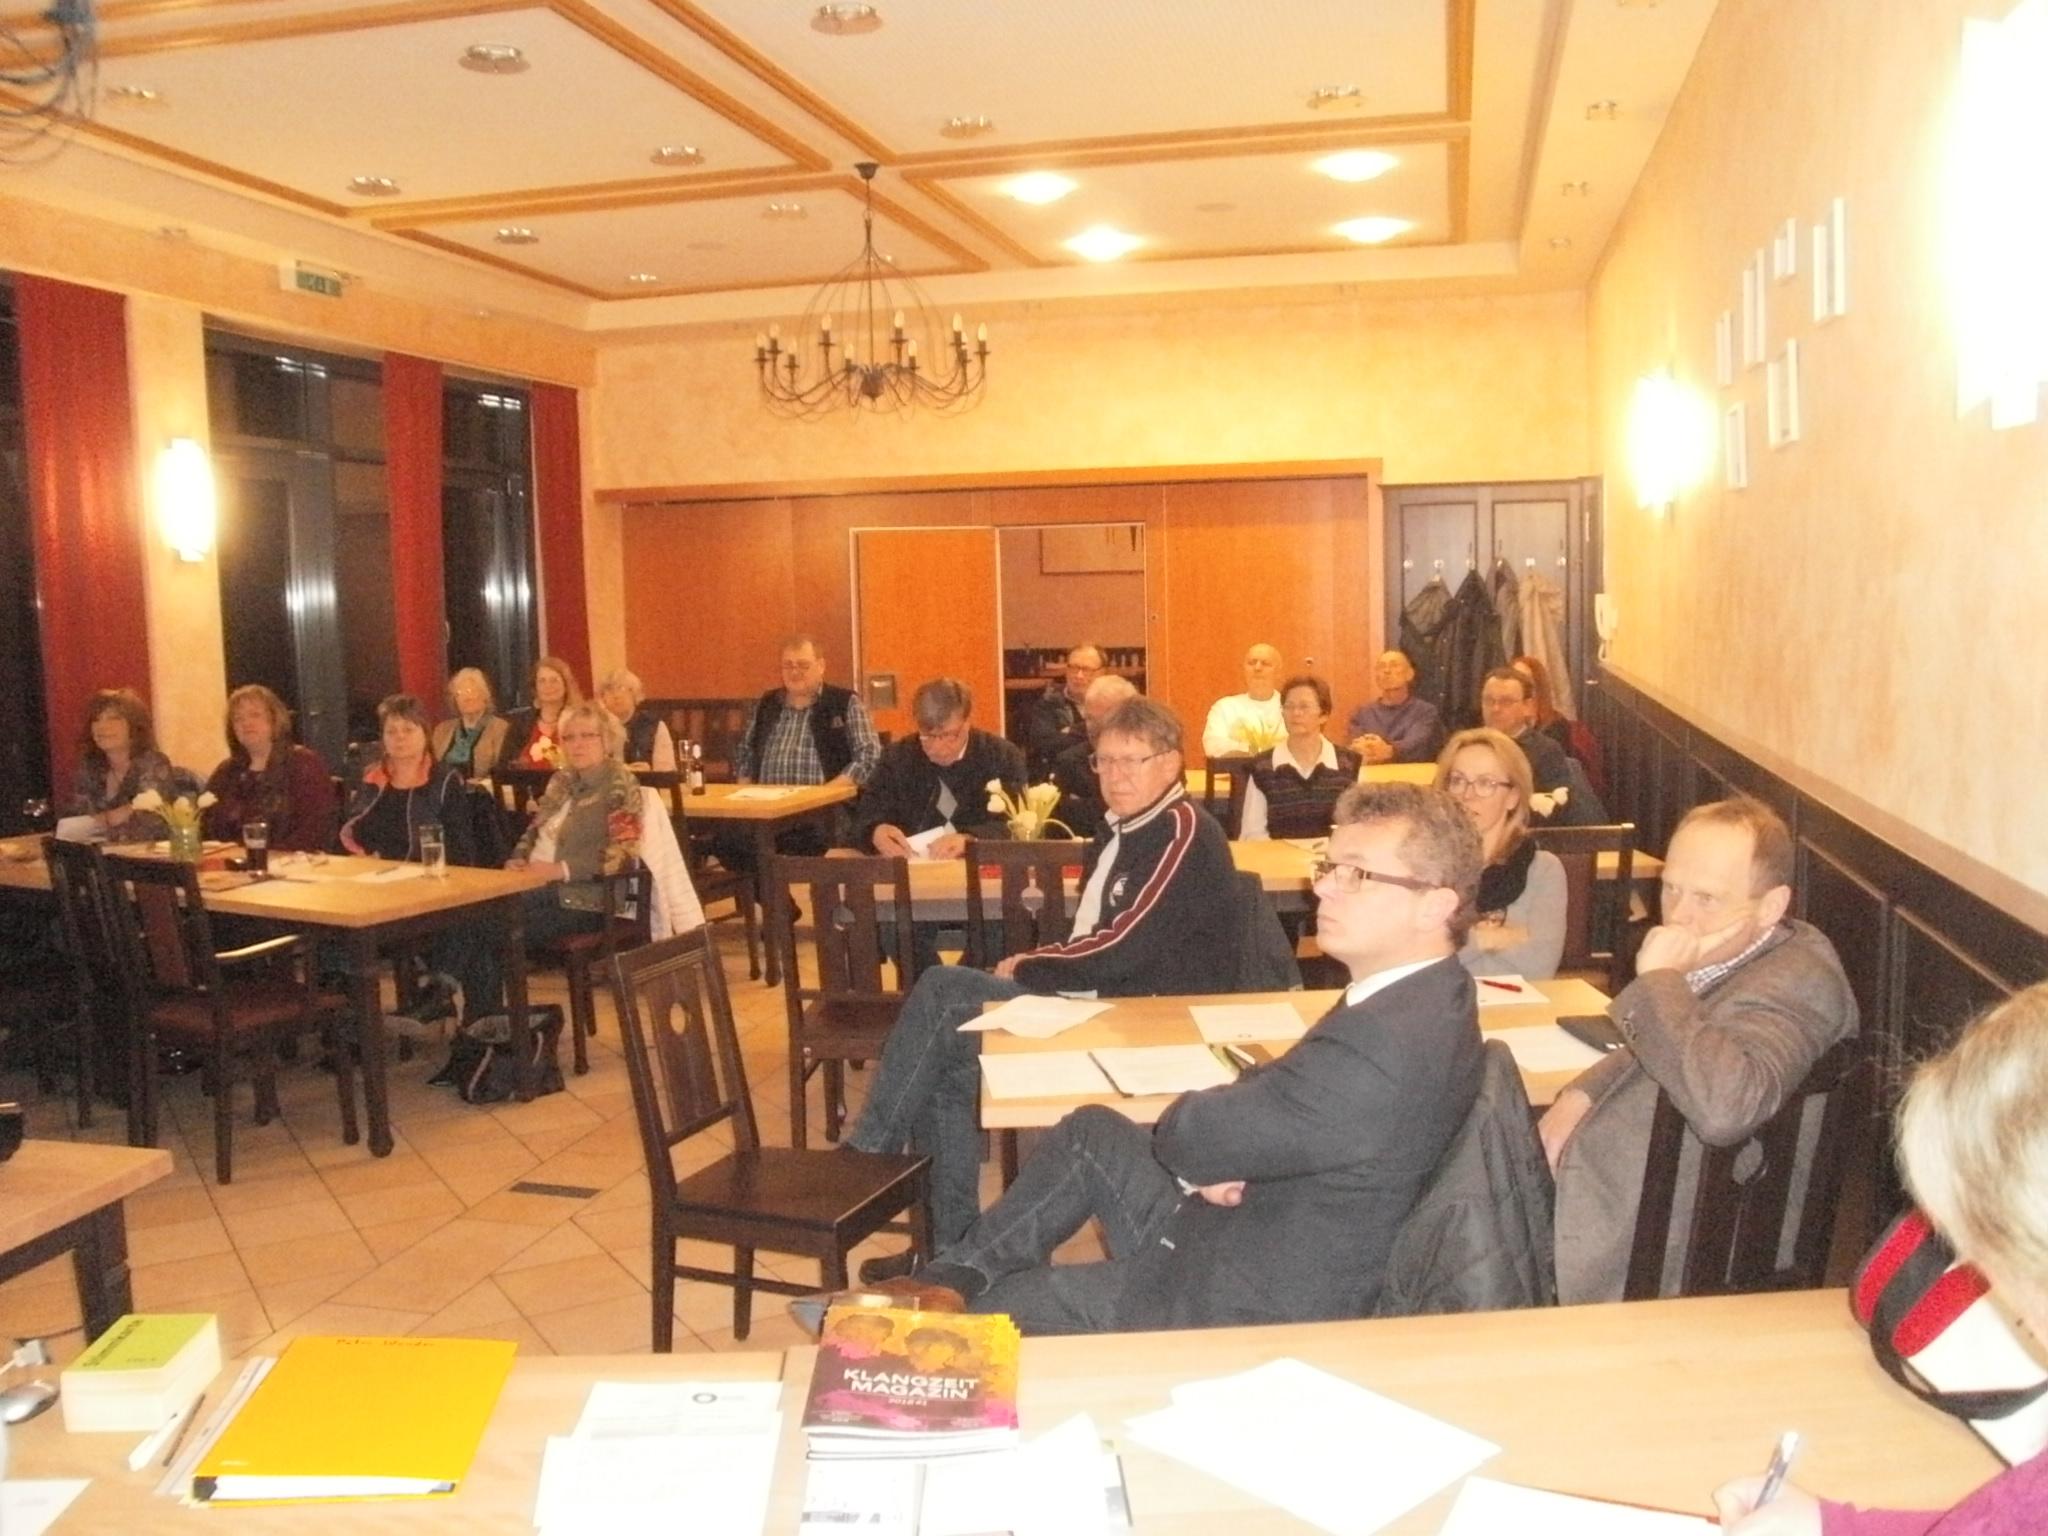 """26 KVU-Mitglieder nahmen an der Jahresversammlung im Restaurant """"Zum Pfalzgrafen"""" teil. Fotos: K. Stumpfi (2), A. Feldmeier"""